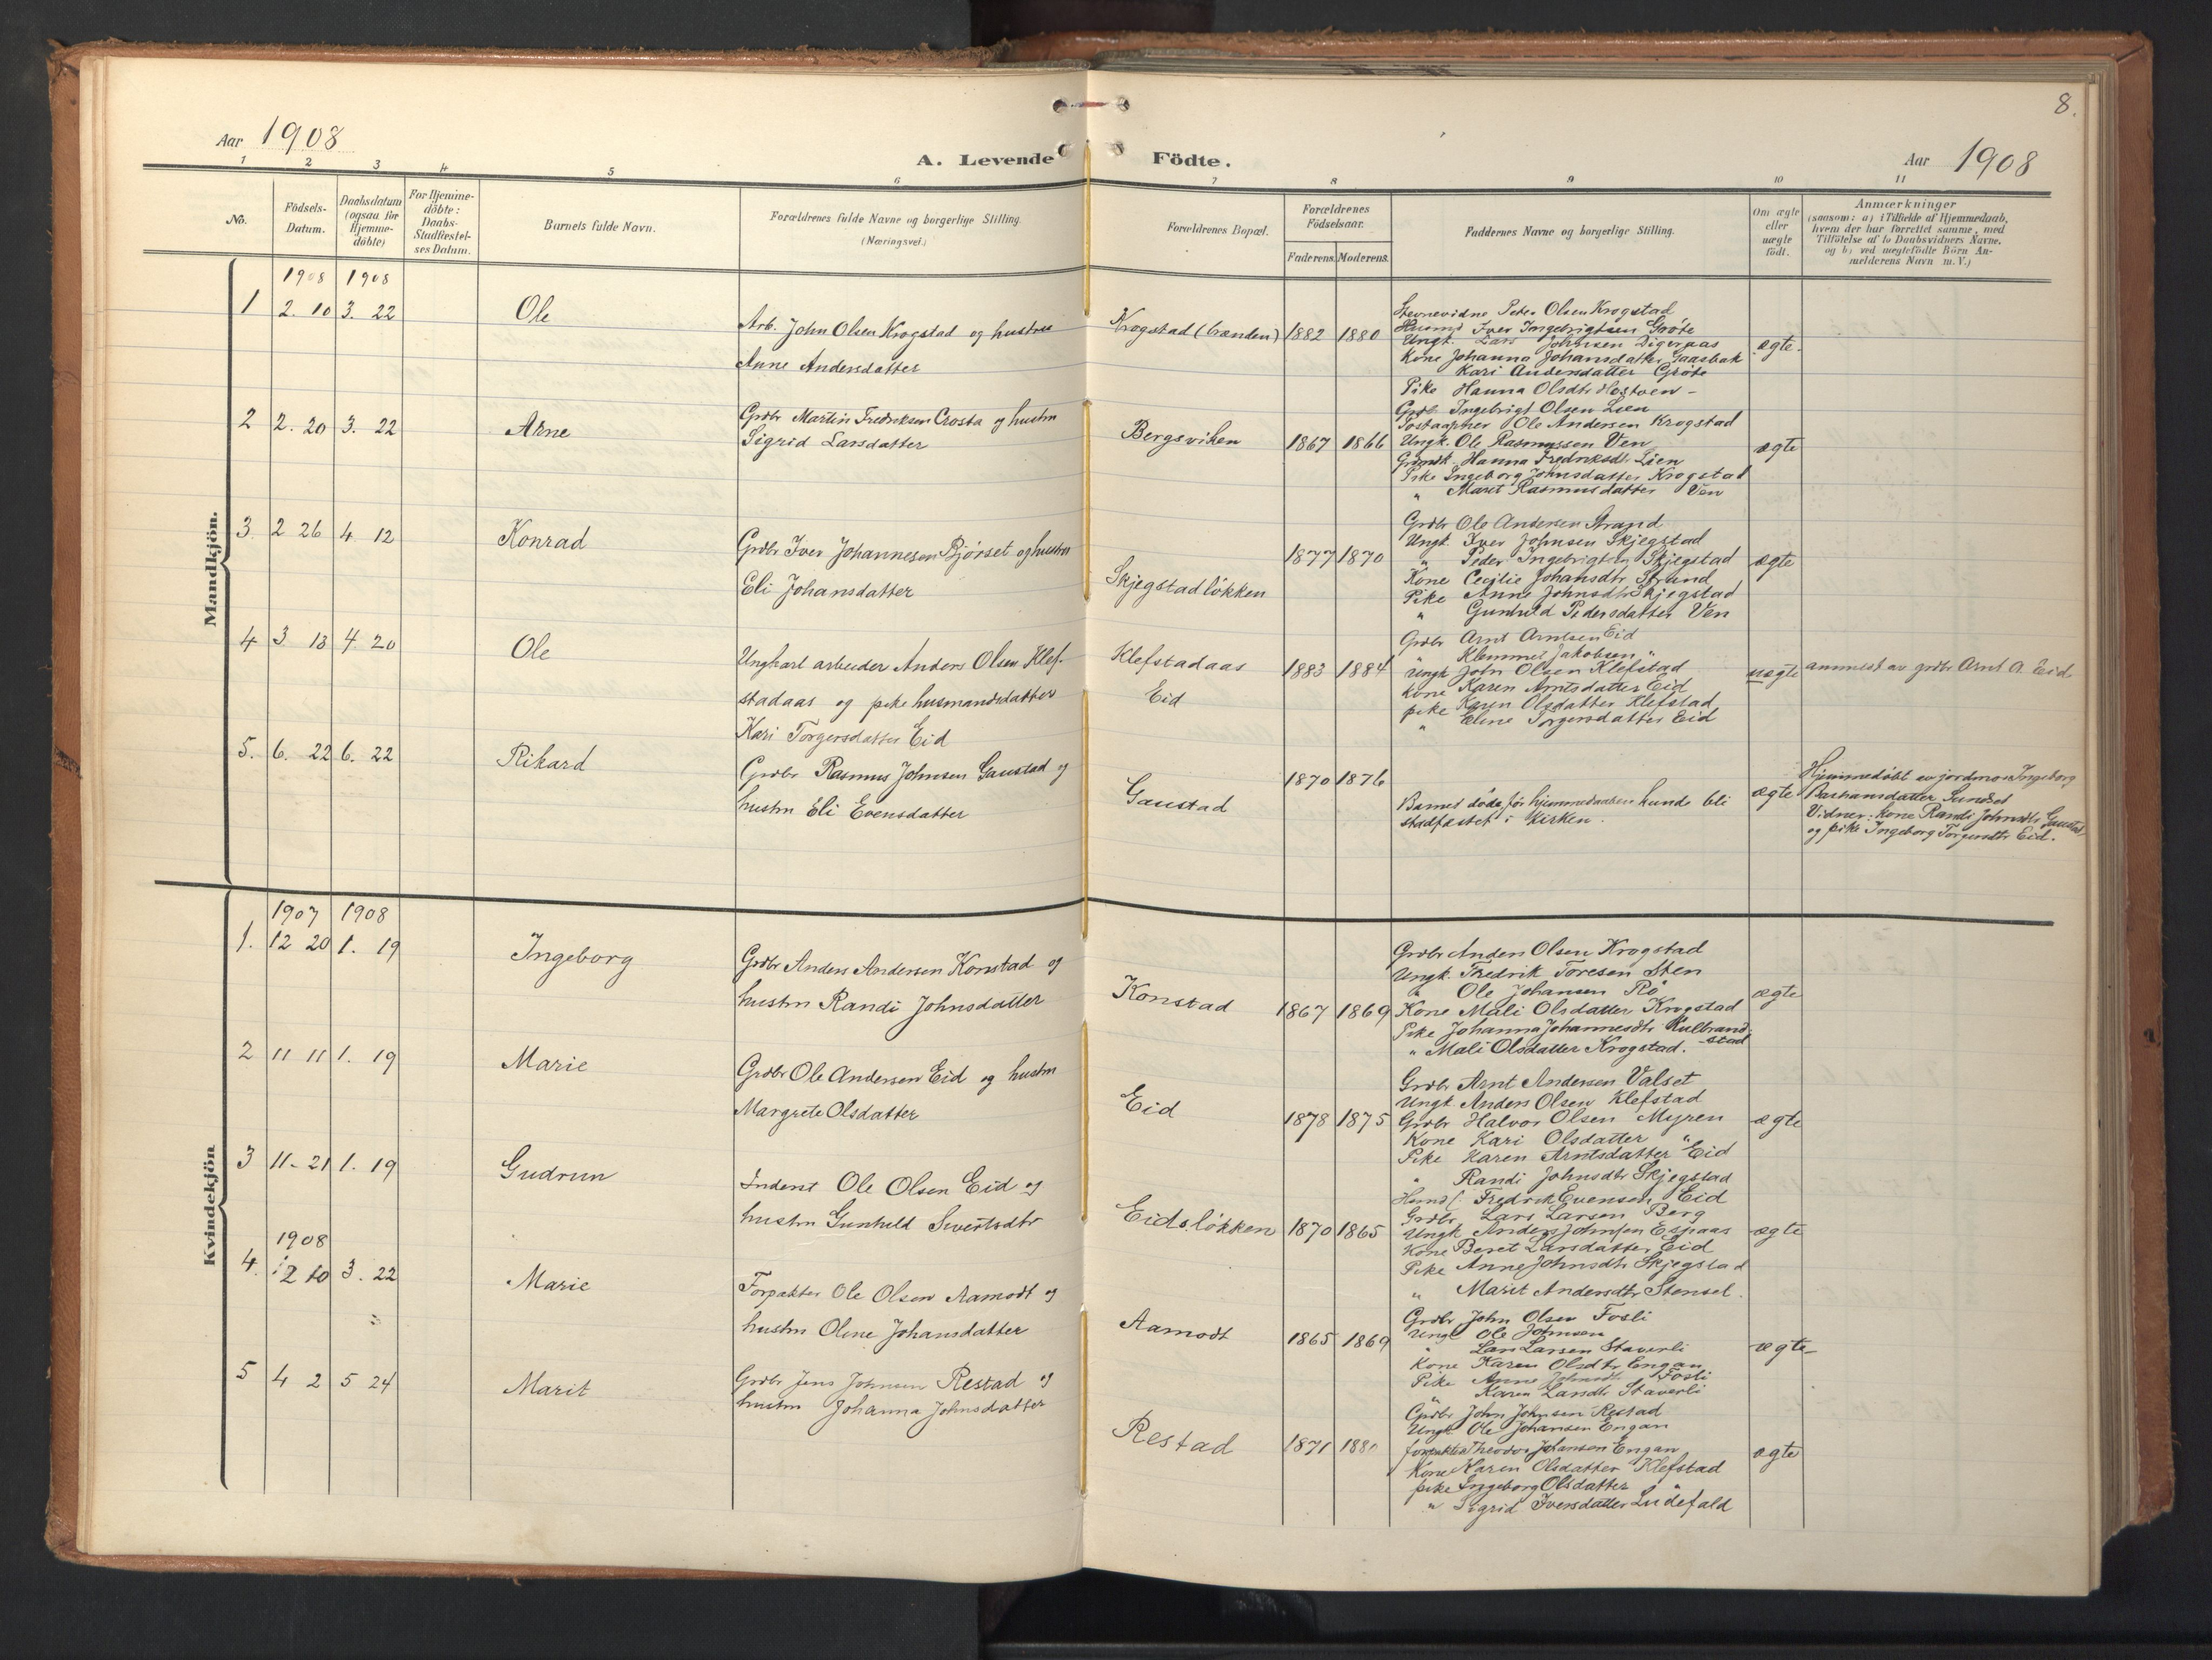 SAT, Ministerialprotokoller, klokkerbøker og fødselsregistre - Sør-Trøndelag, 694/L1128: Ministerialbok nr. 694A02, 1906-1931, s. 8